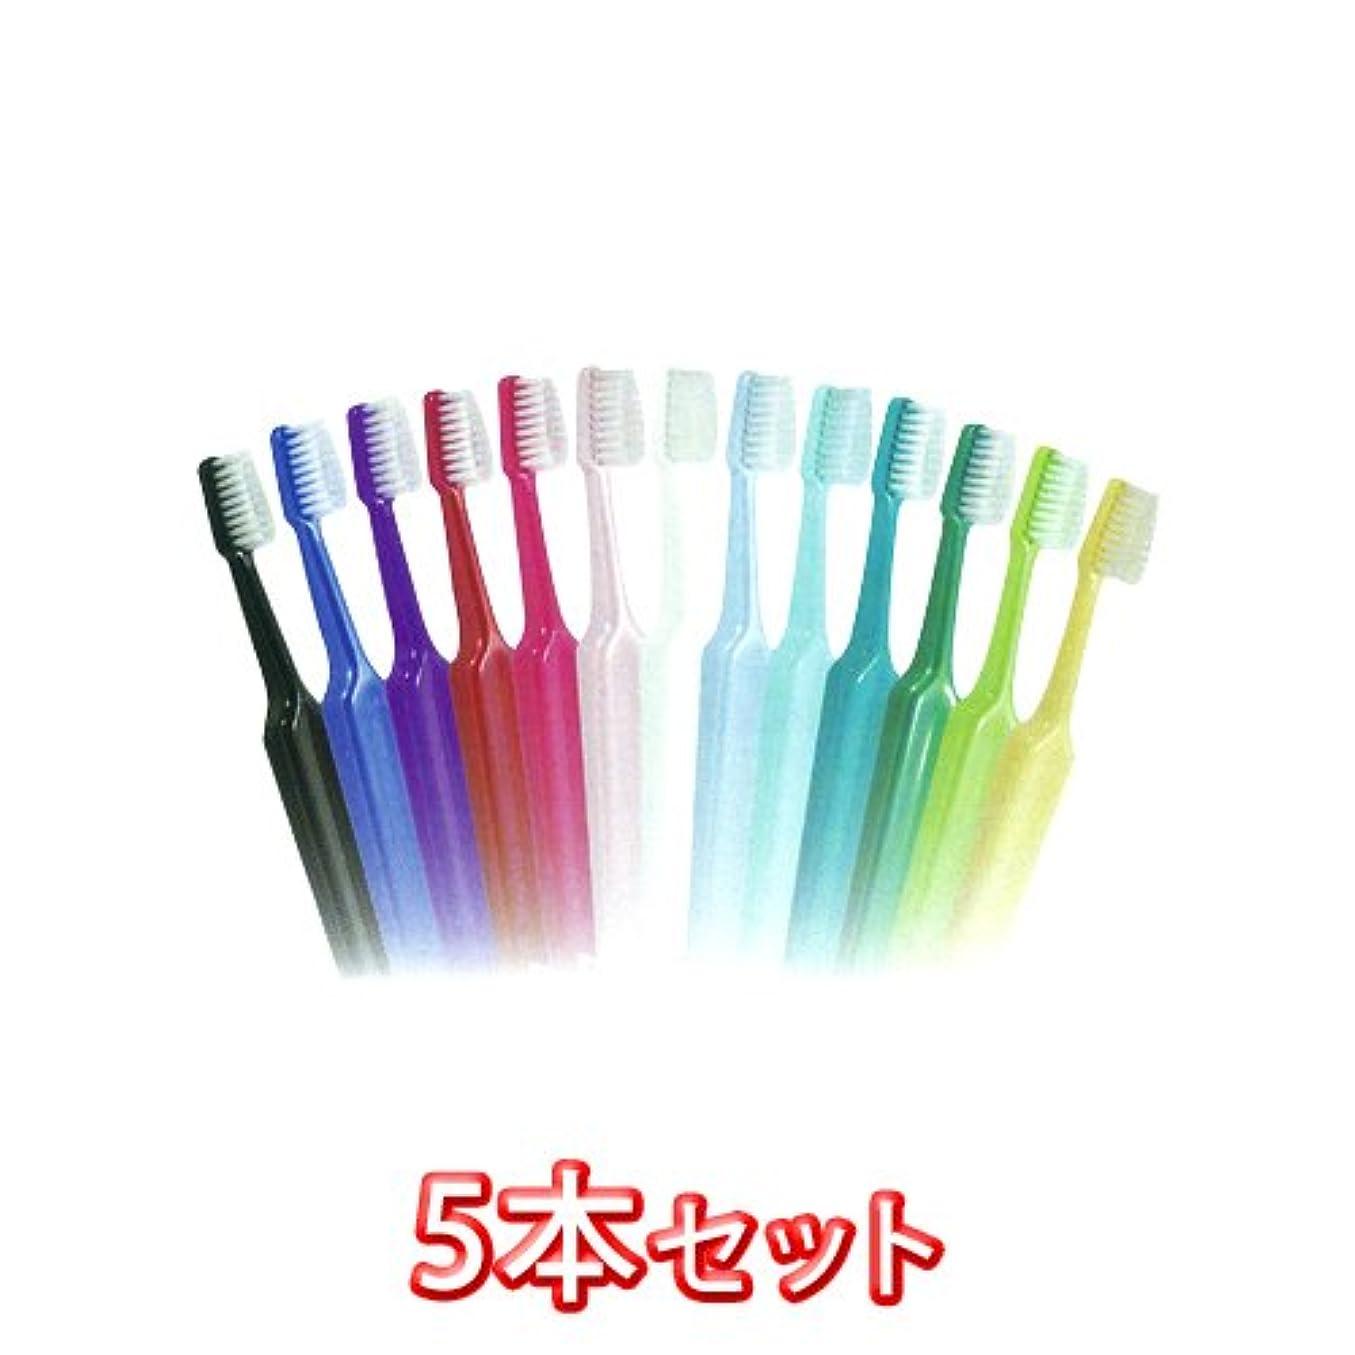 純粋に白内障どっちクロスフィールド TePe テペ セレクト 歯ブラシ 5本 (エクストラソフト)